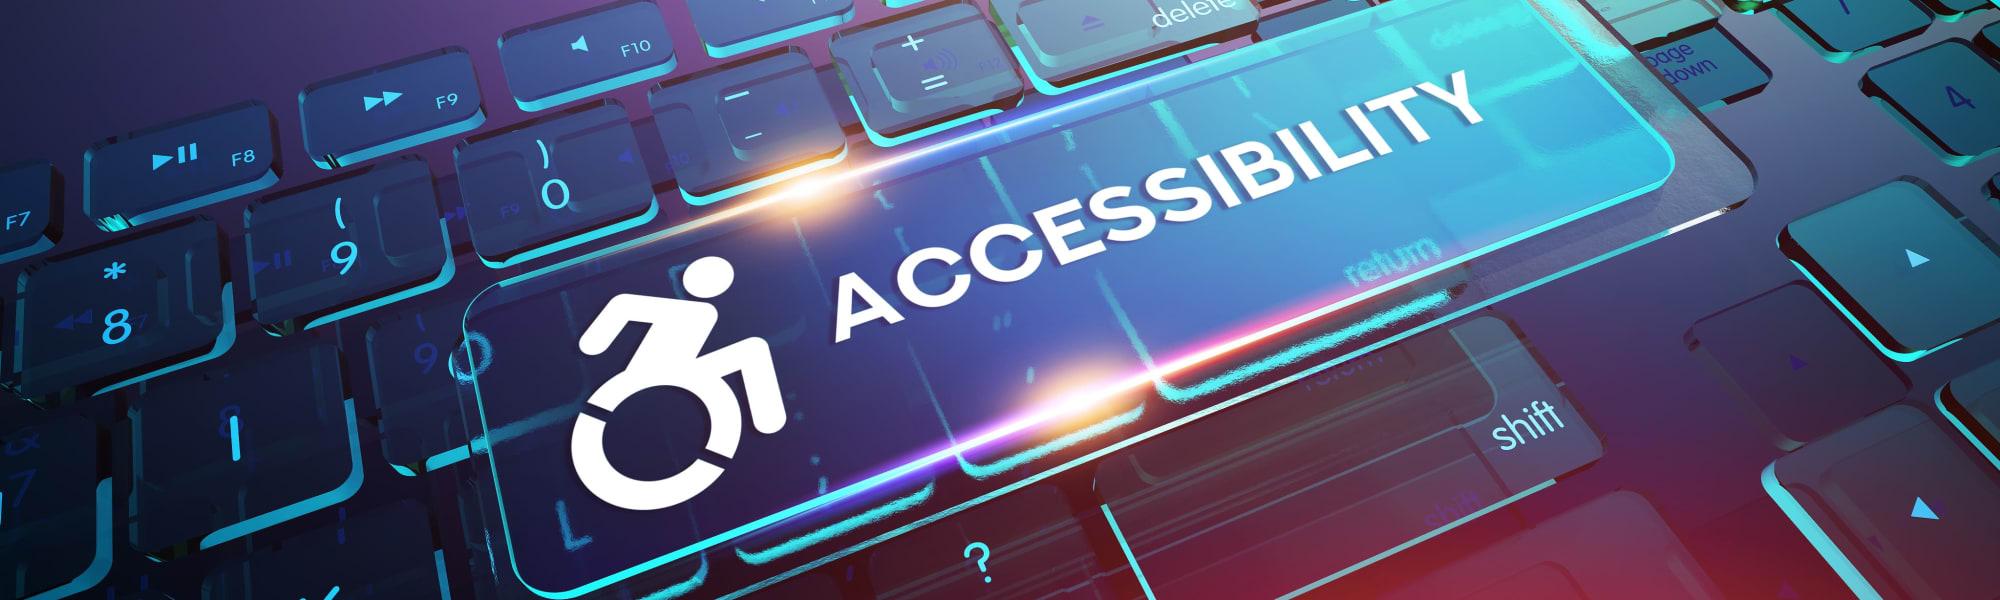 Accessibility policy for Olympus Fenwick in Savannah, Georgia